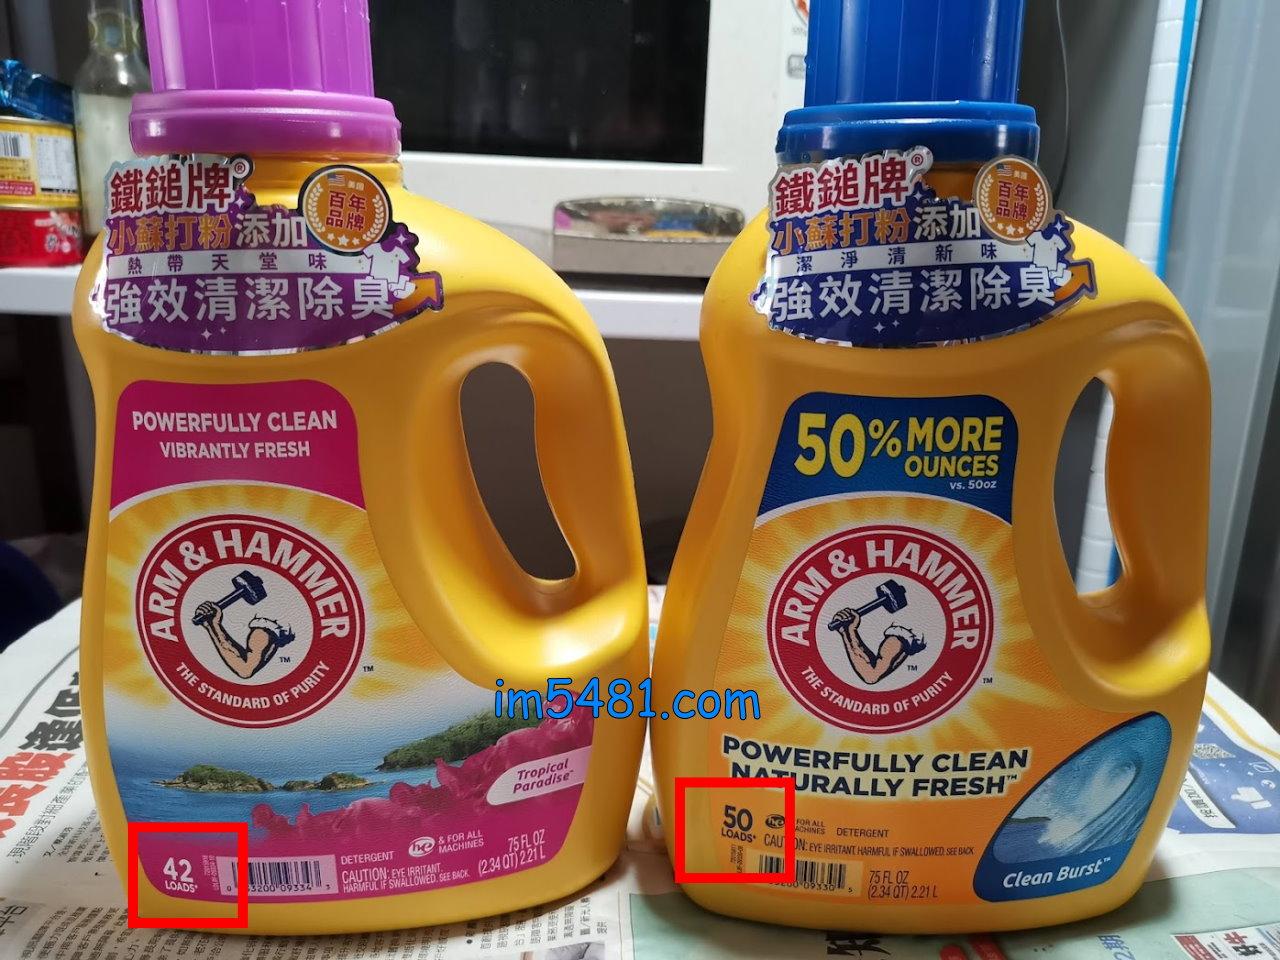 左邊 A&H鐵鎚牌小蘇打粉洗衣精-粉紅色為熱帶天堂味,標示42 Loads; 右邊 A&H鐵鎚牌小蘇打粉洗衣精-藍色為潔淨清新味,標示50 Loads。